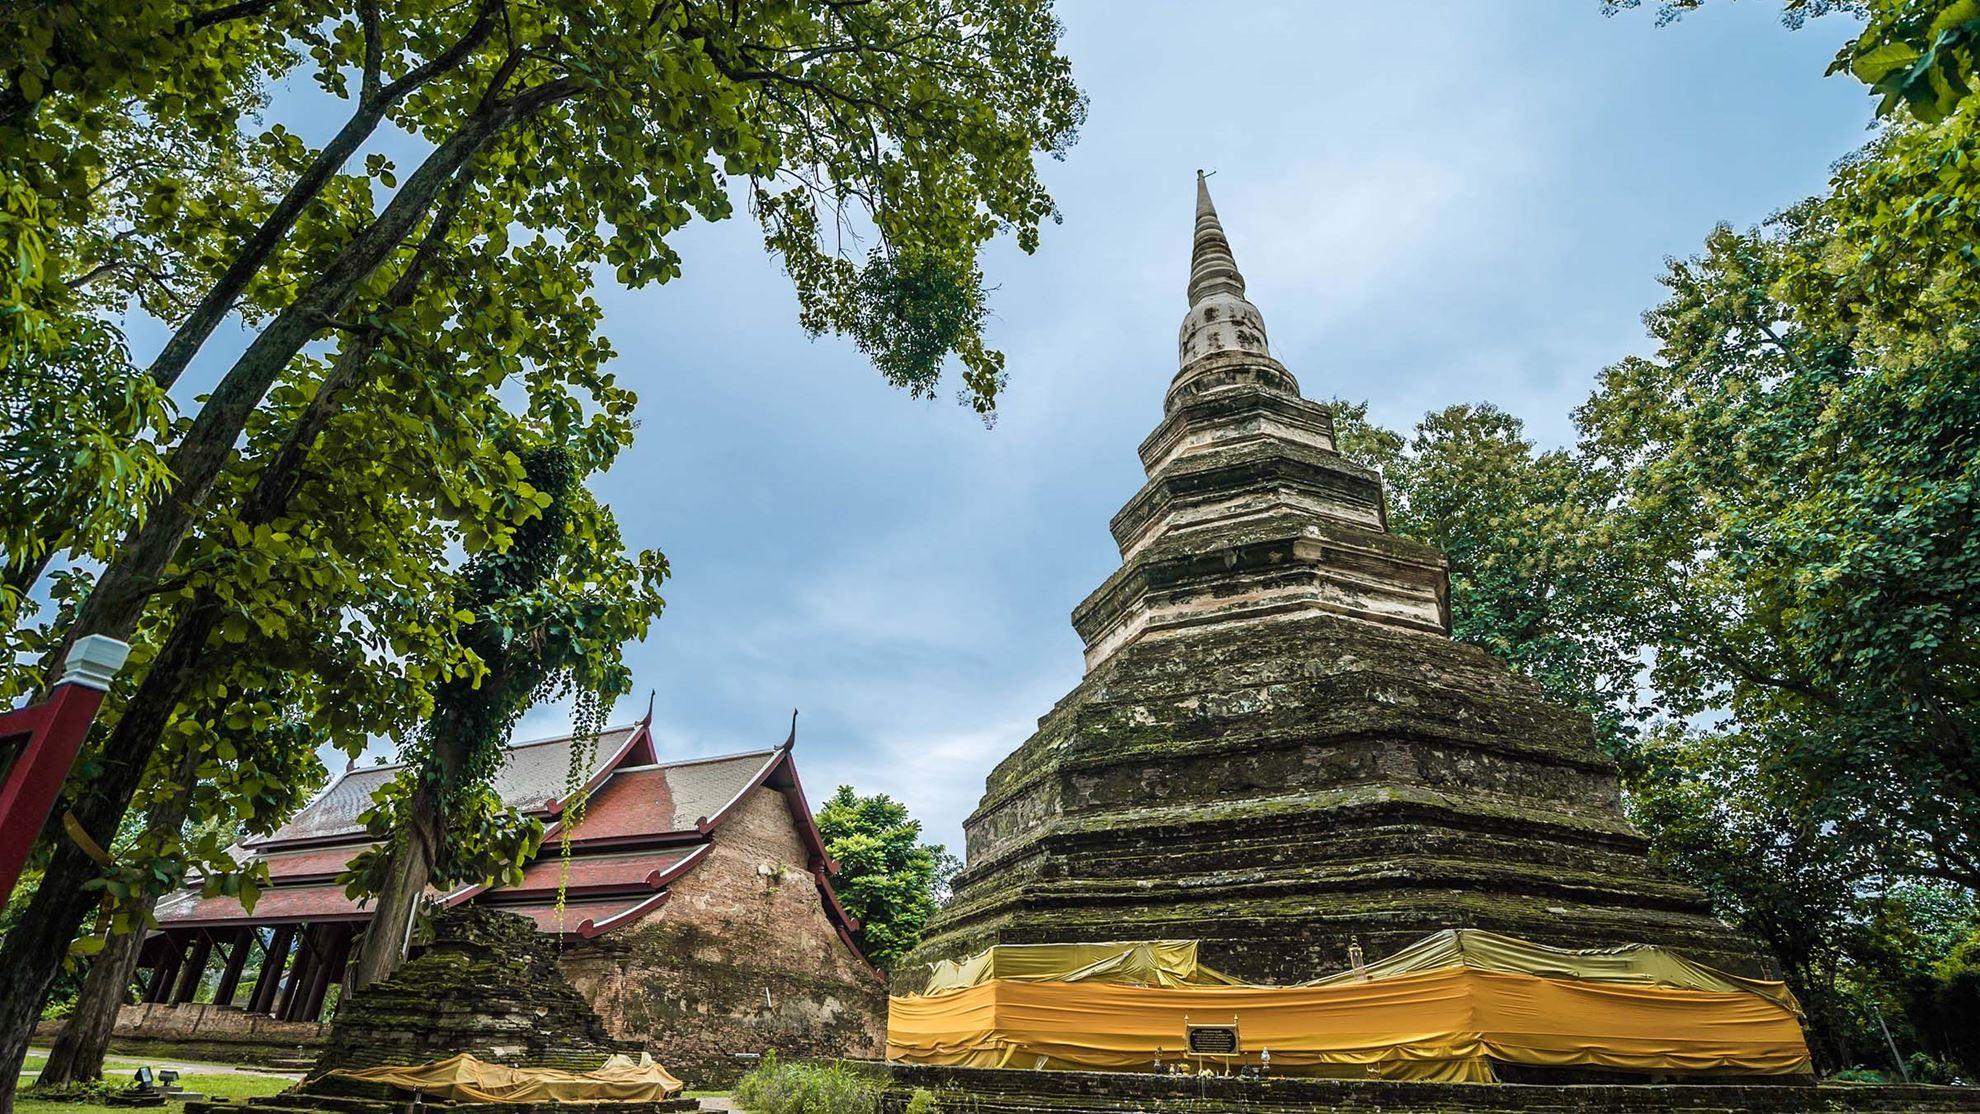 Hình đại điện của danh mục Chiang Rai